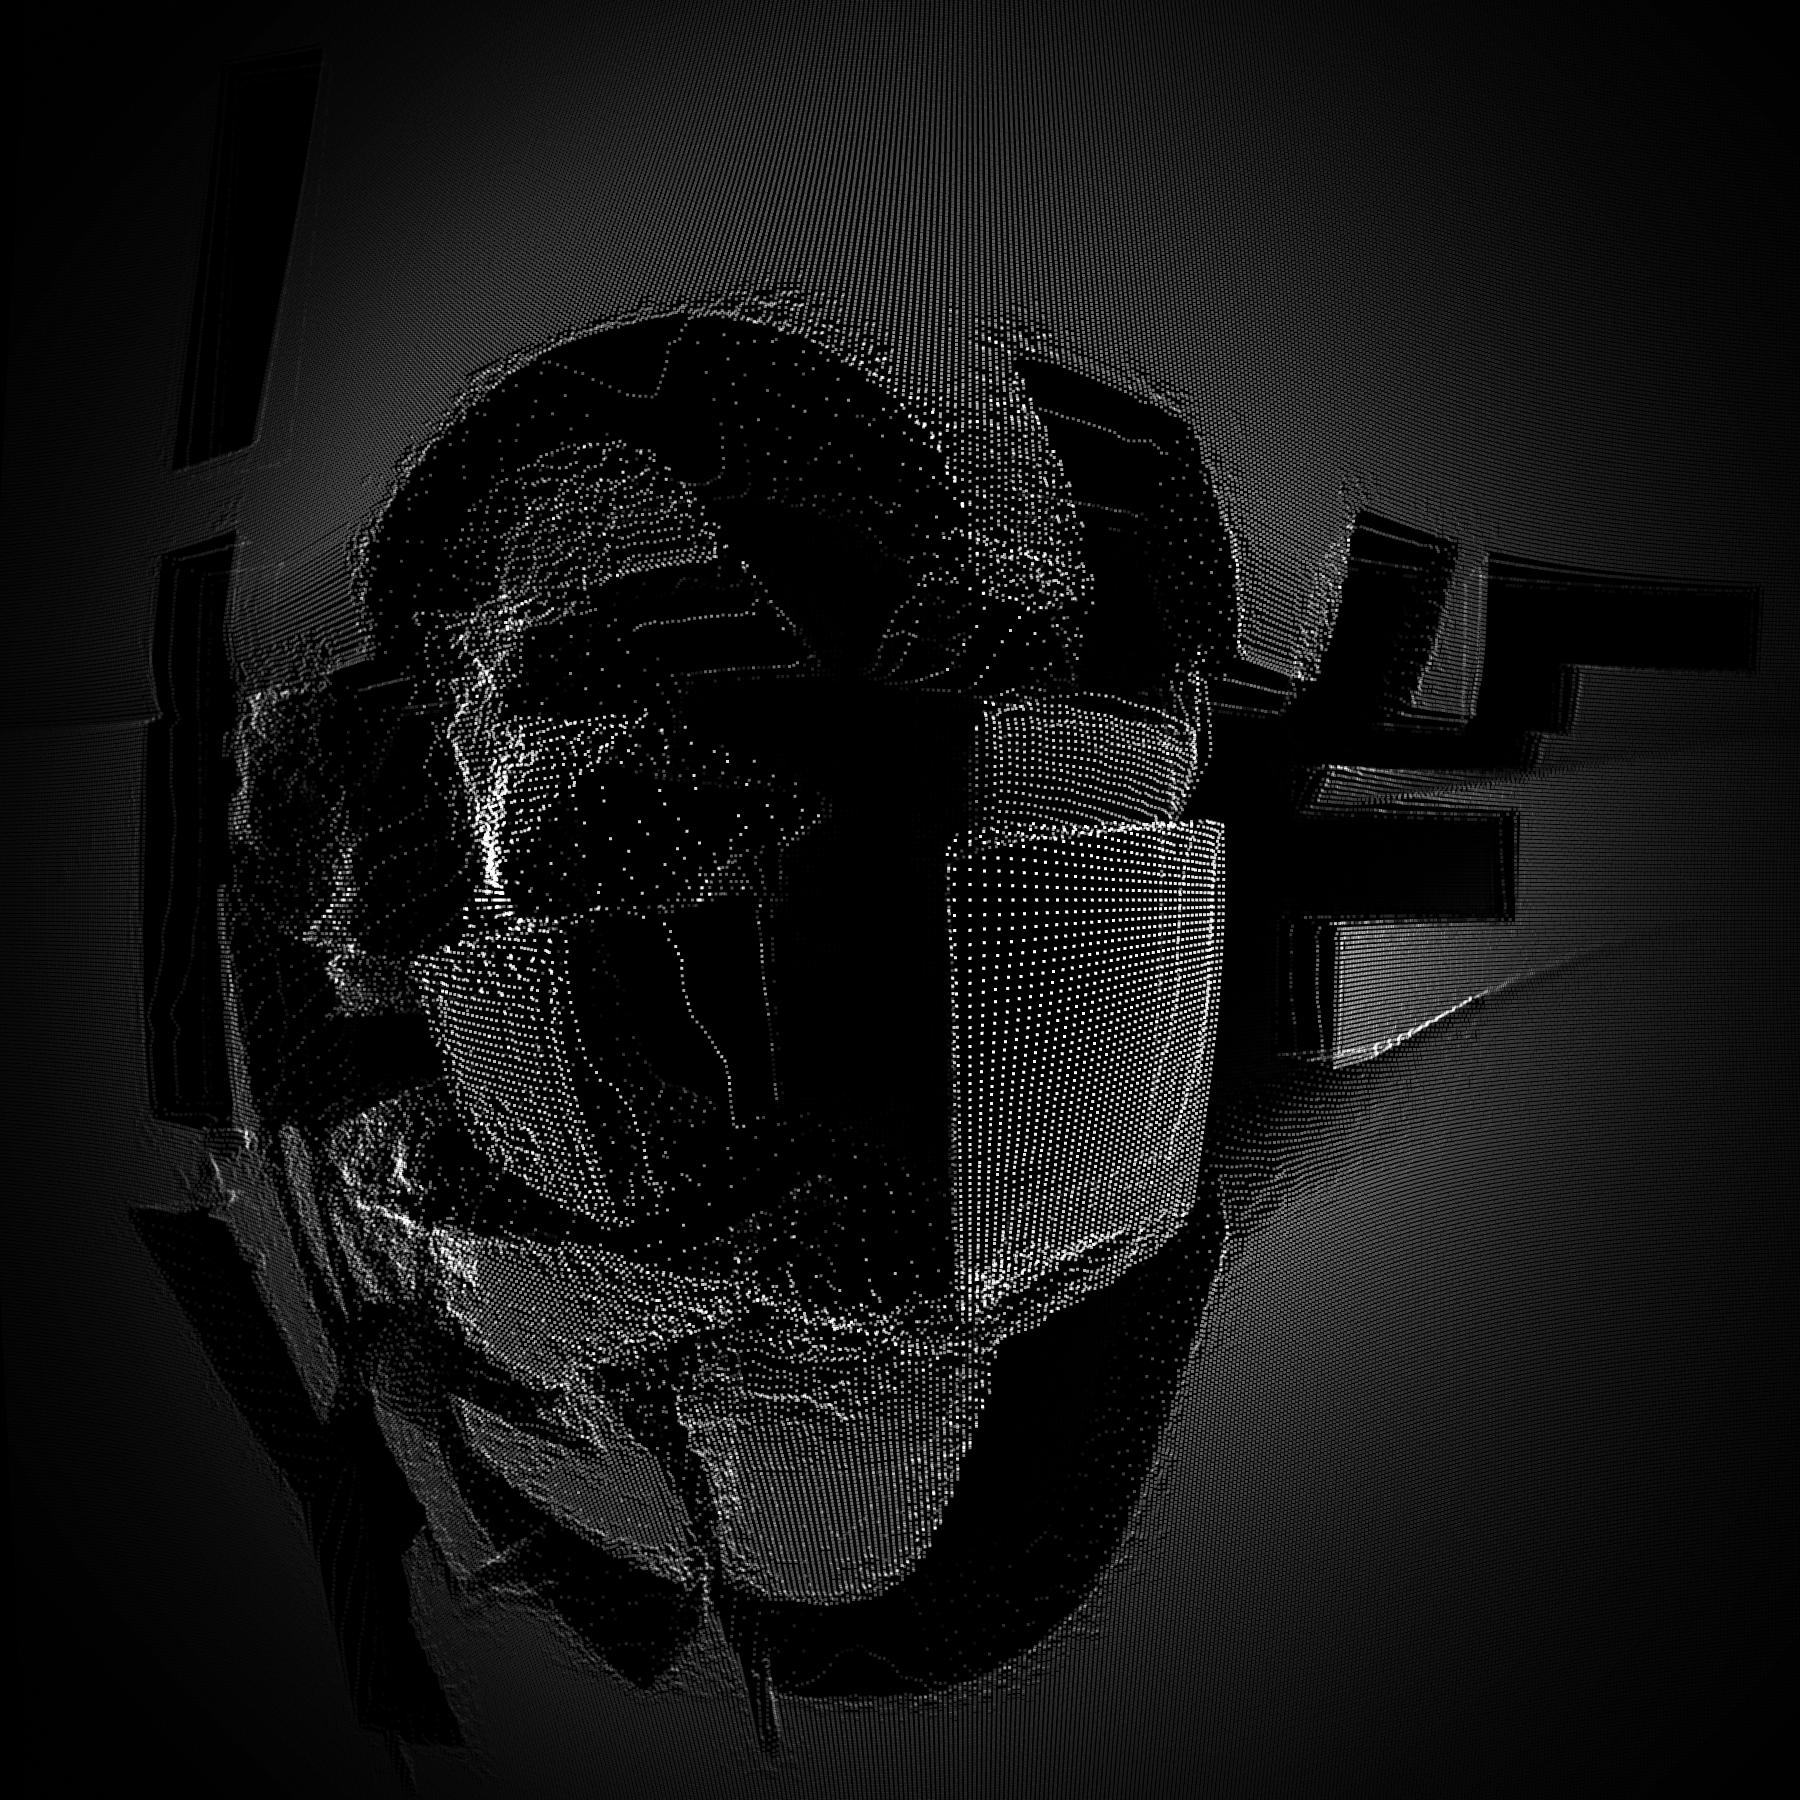 Resurrect_WebGL_StackGL_RezaAli_0.png